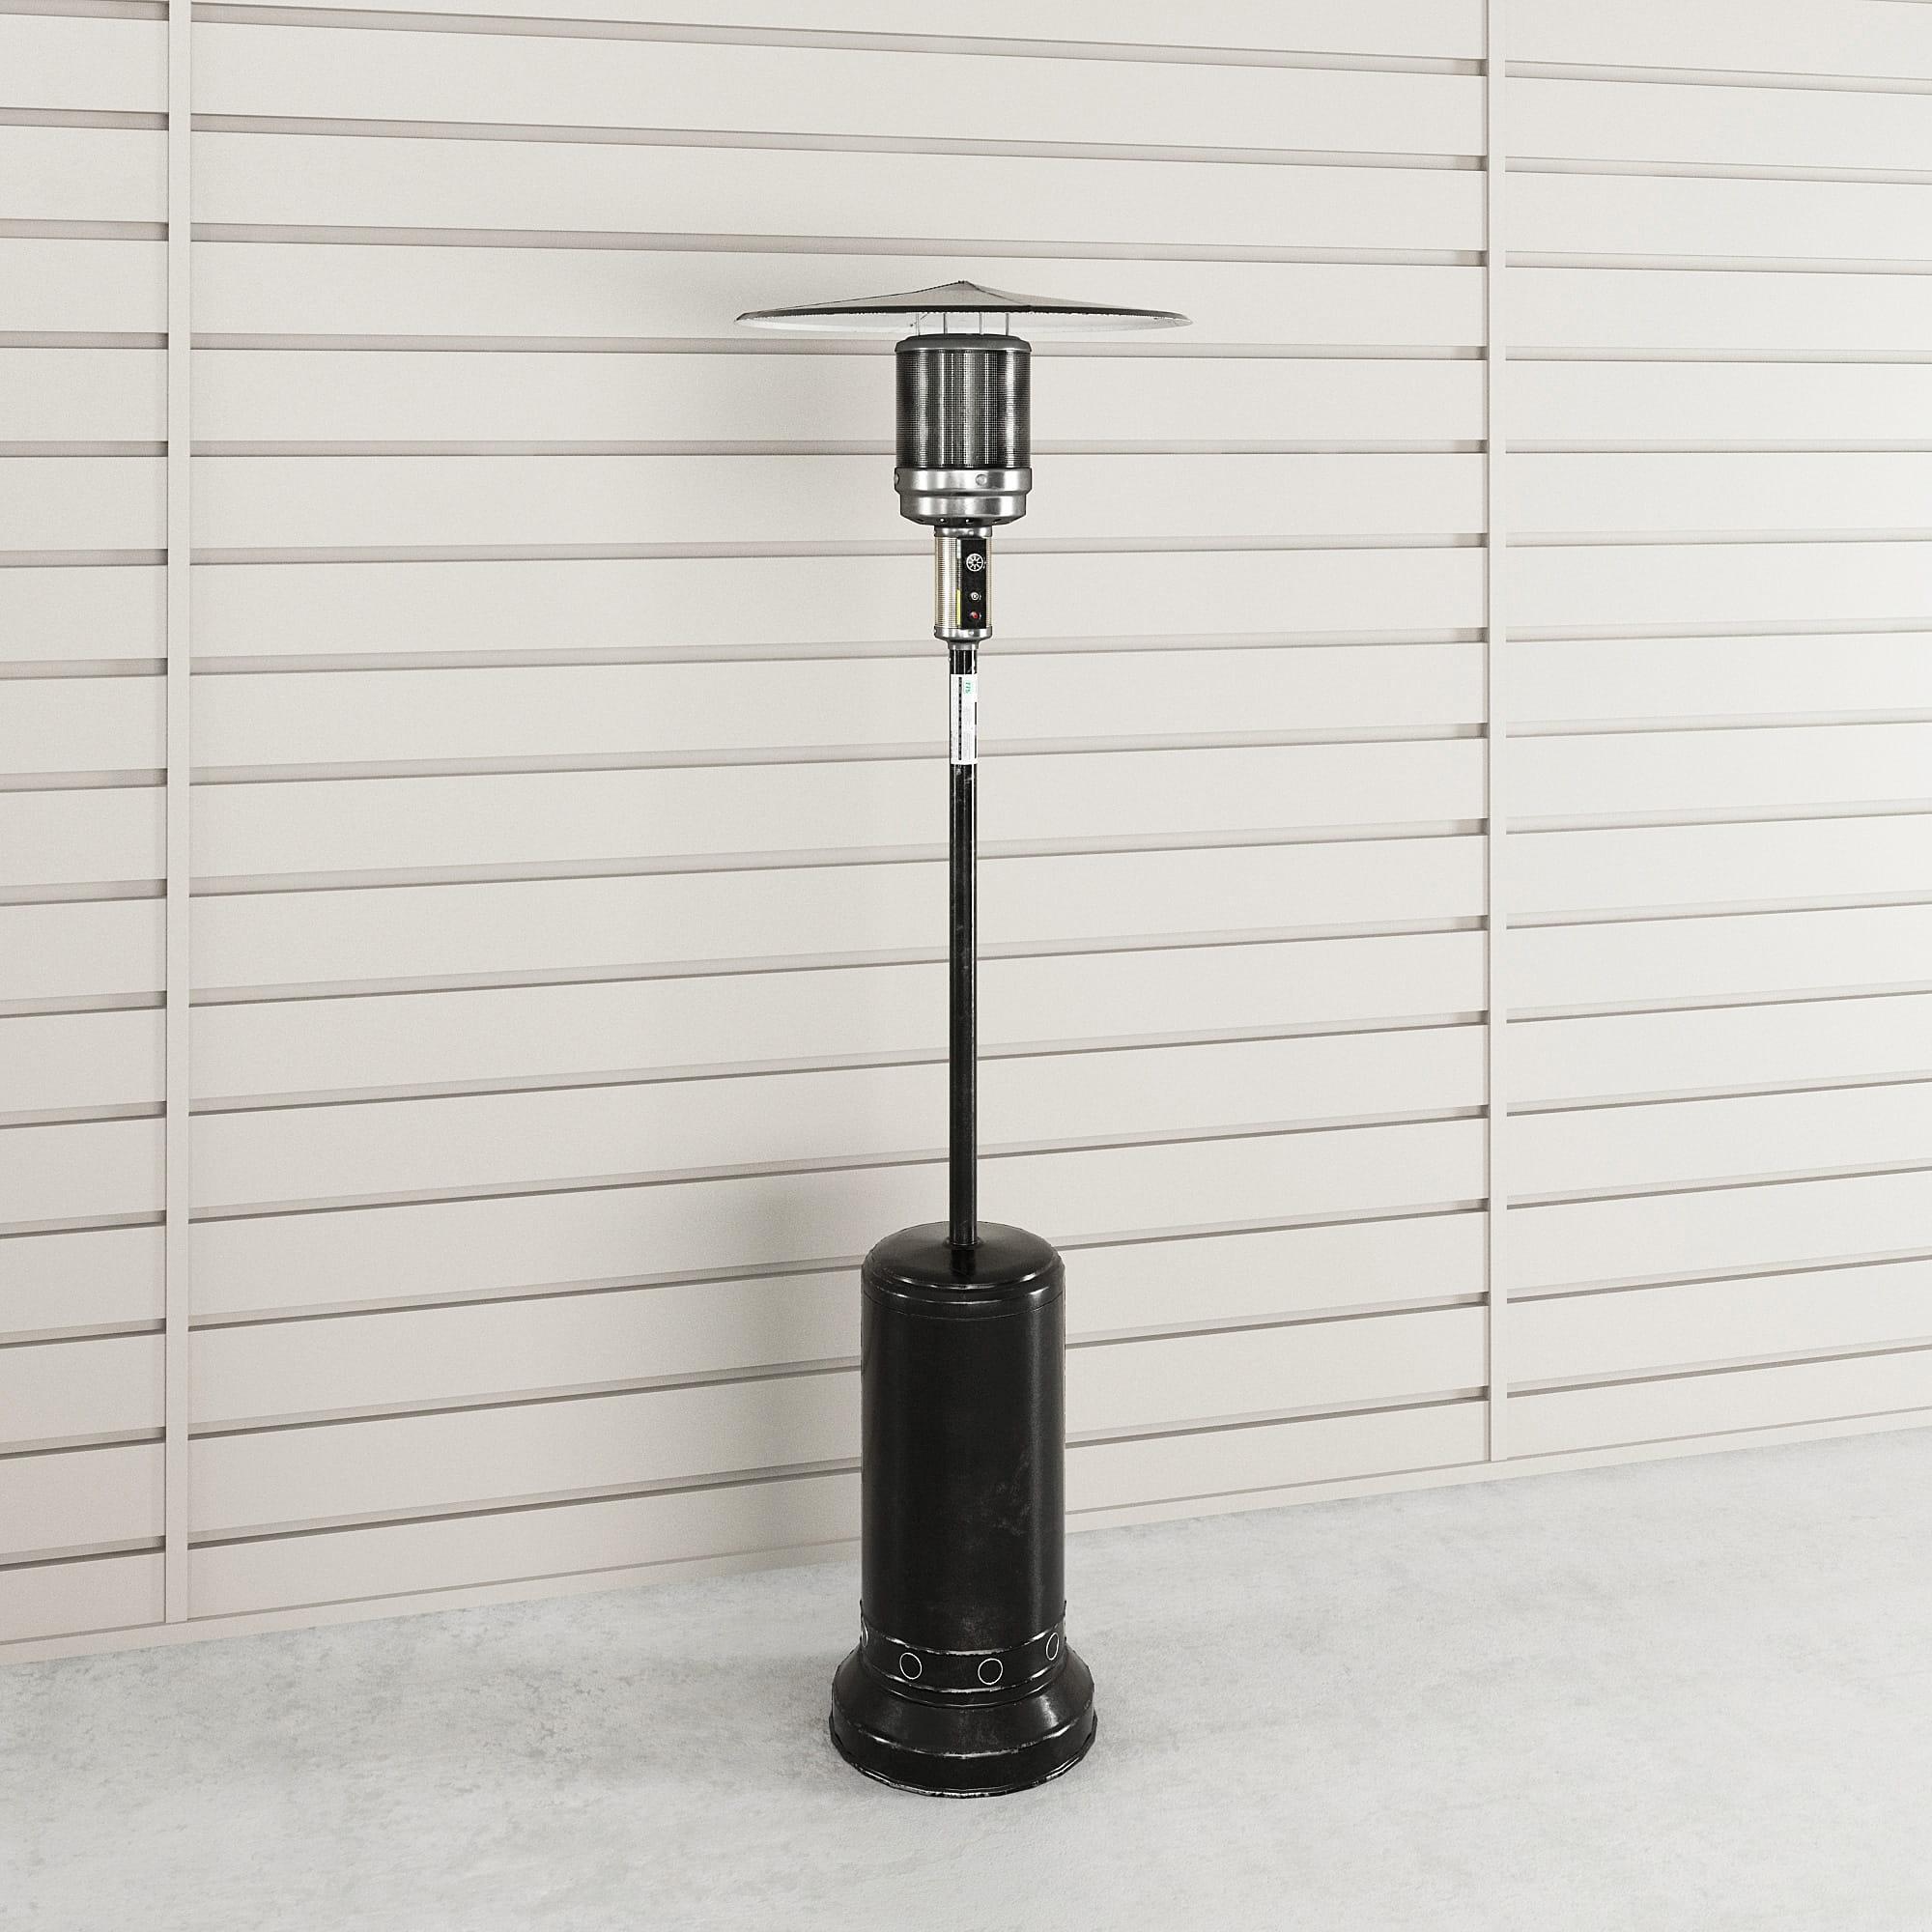 garage equipment 43 AM222 Archmodels